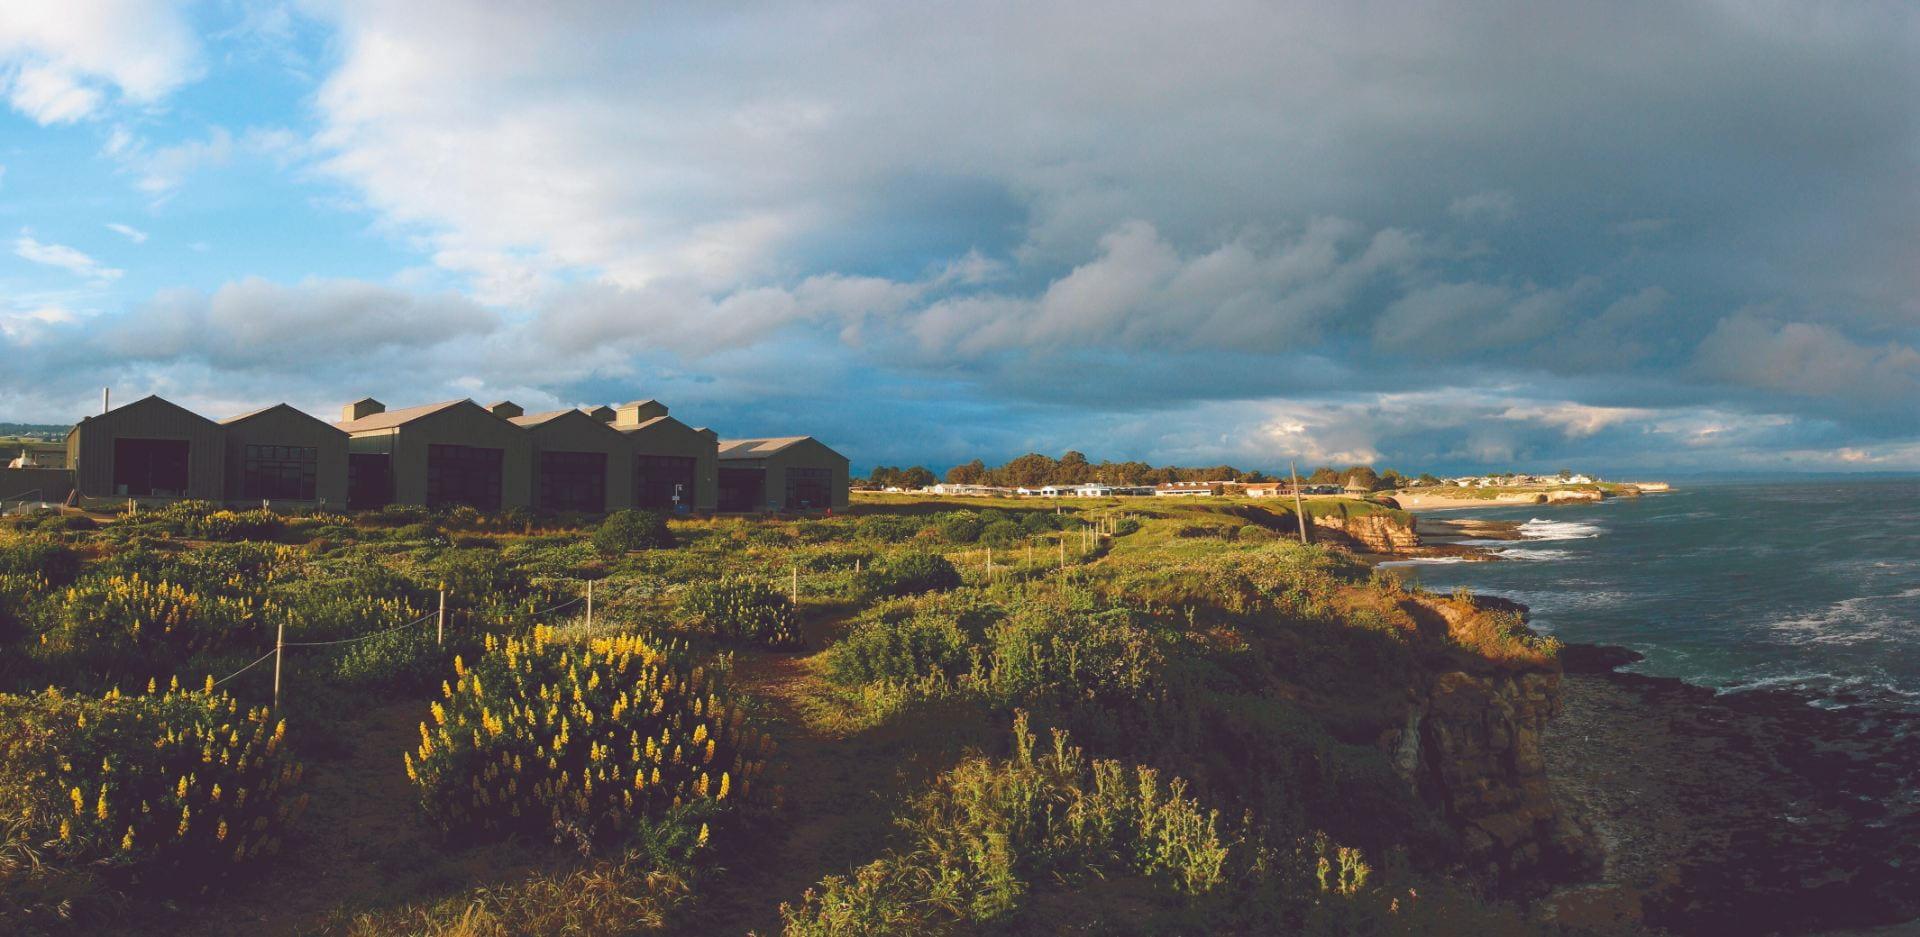 Native landscape surroundings